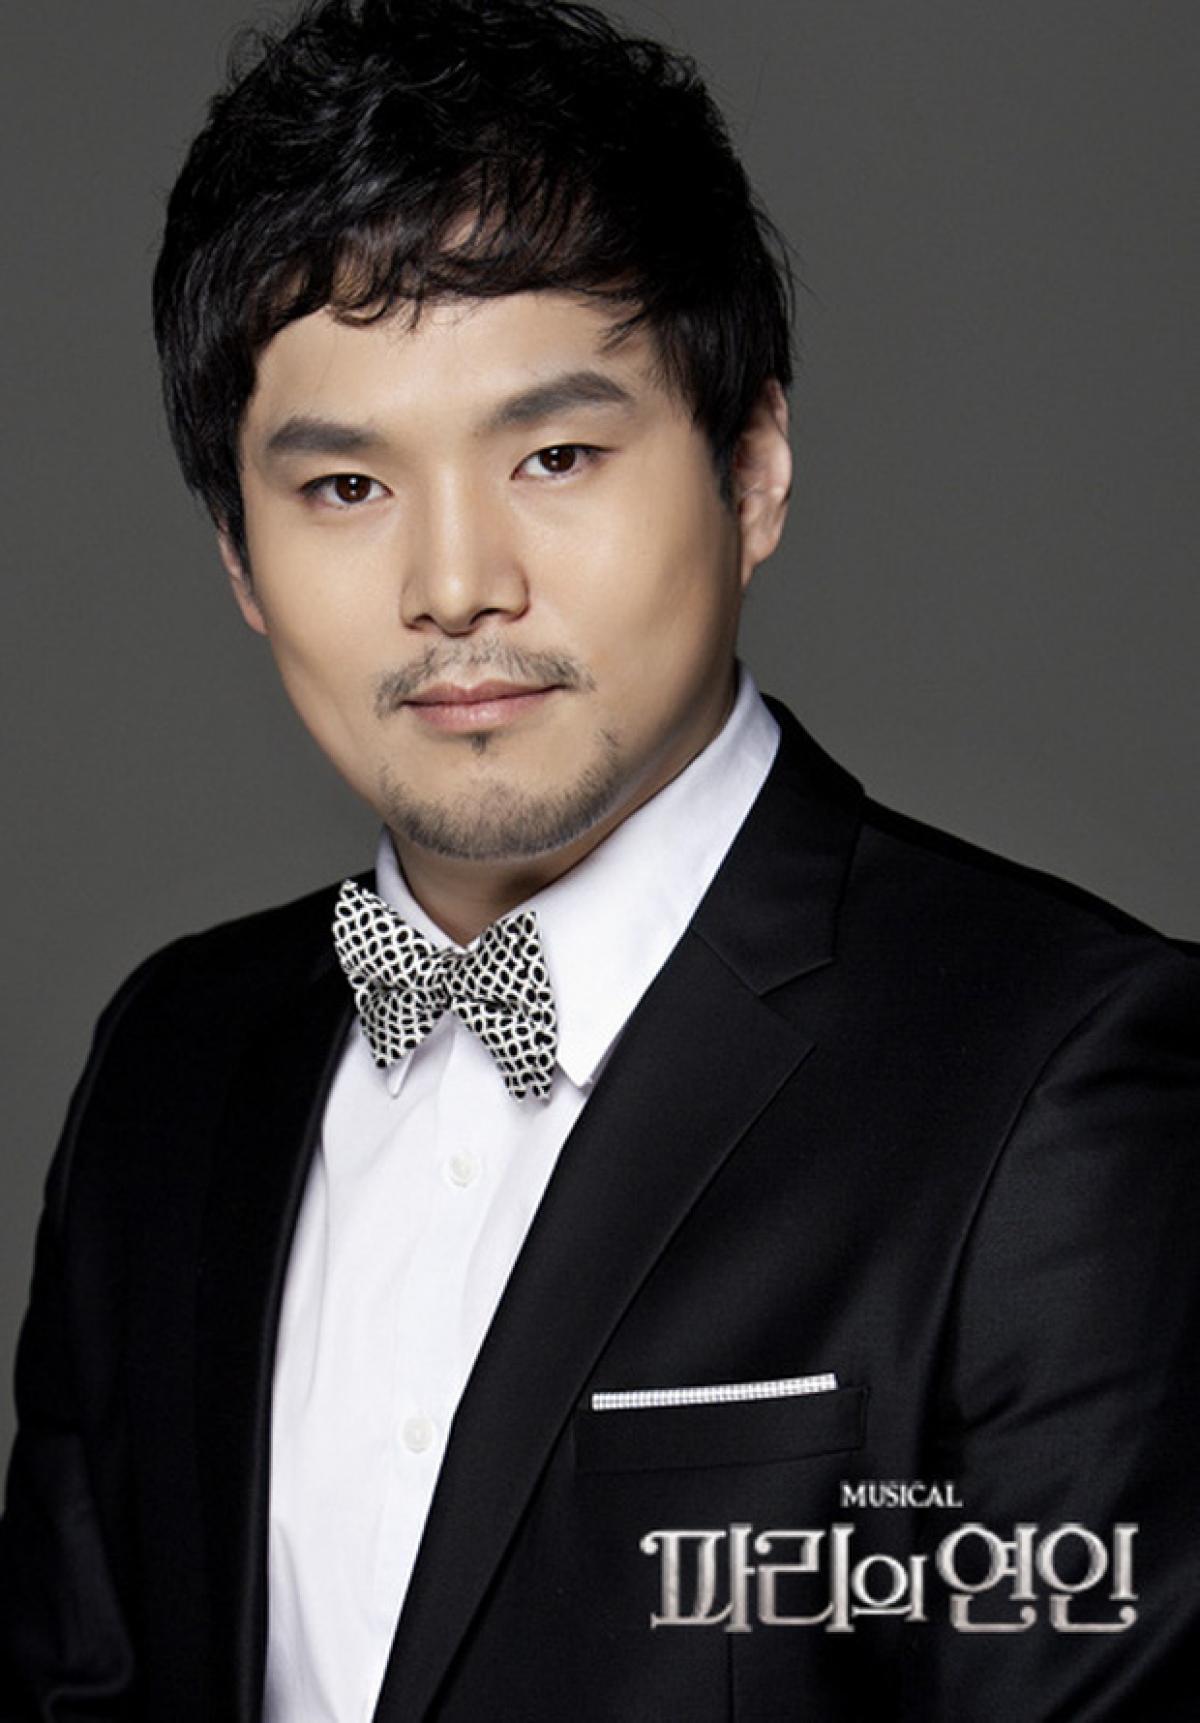 Nam diễn viên Seo Sung Jong xác nhận mắc Covid-19 vào ngày 19/8.